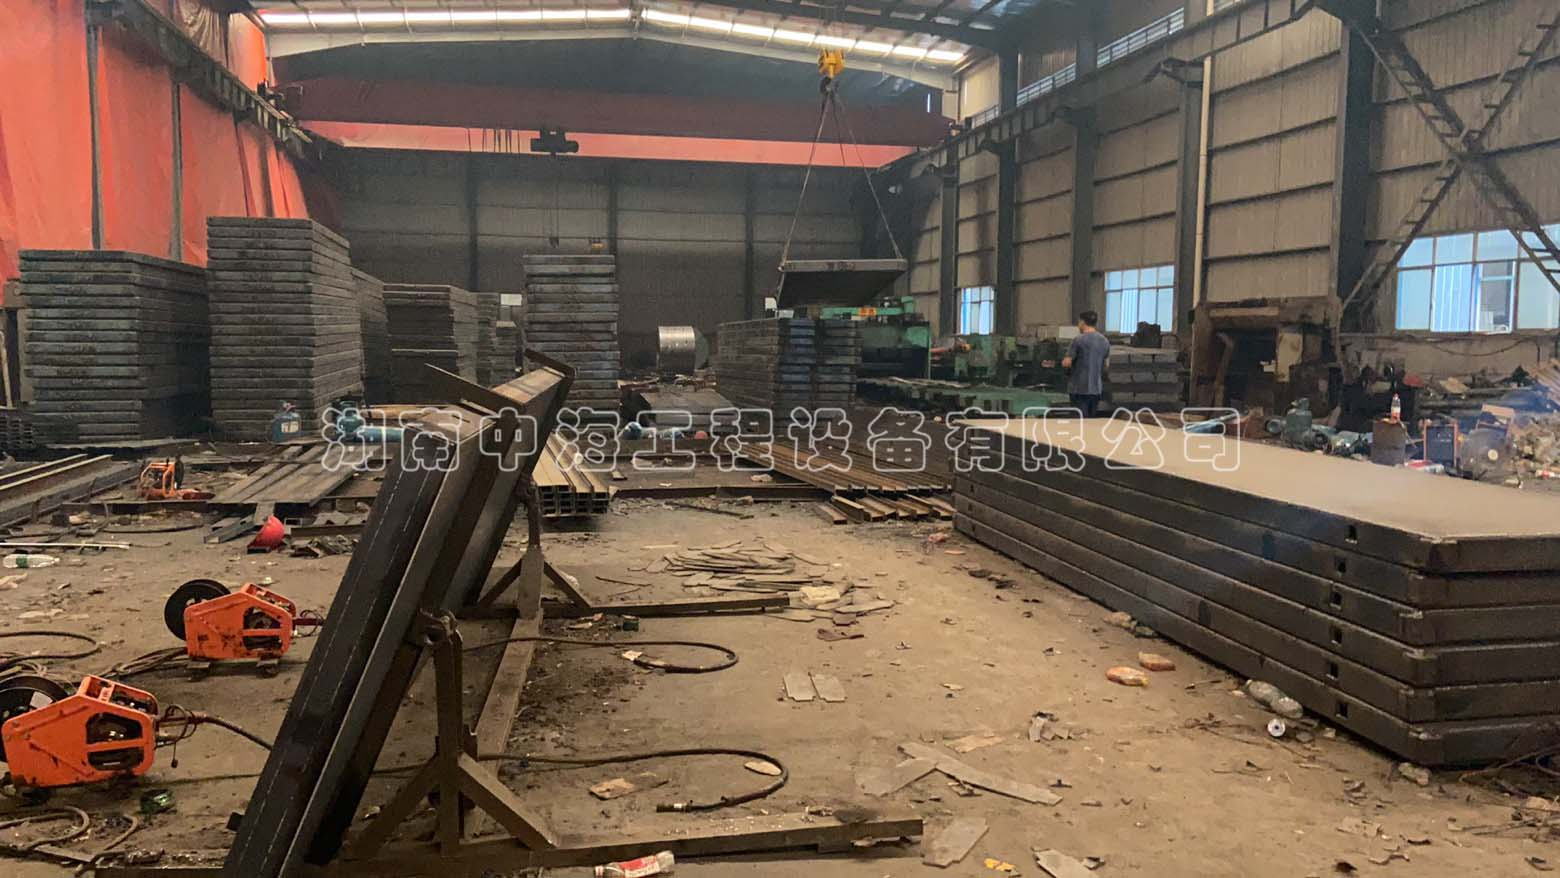 广州东莞铺路钢板出租租赁的质量这样来判断